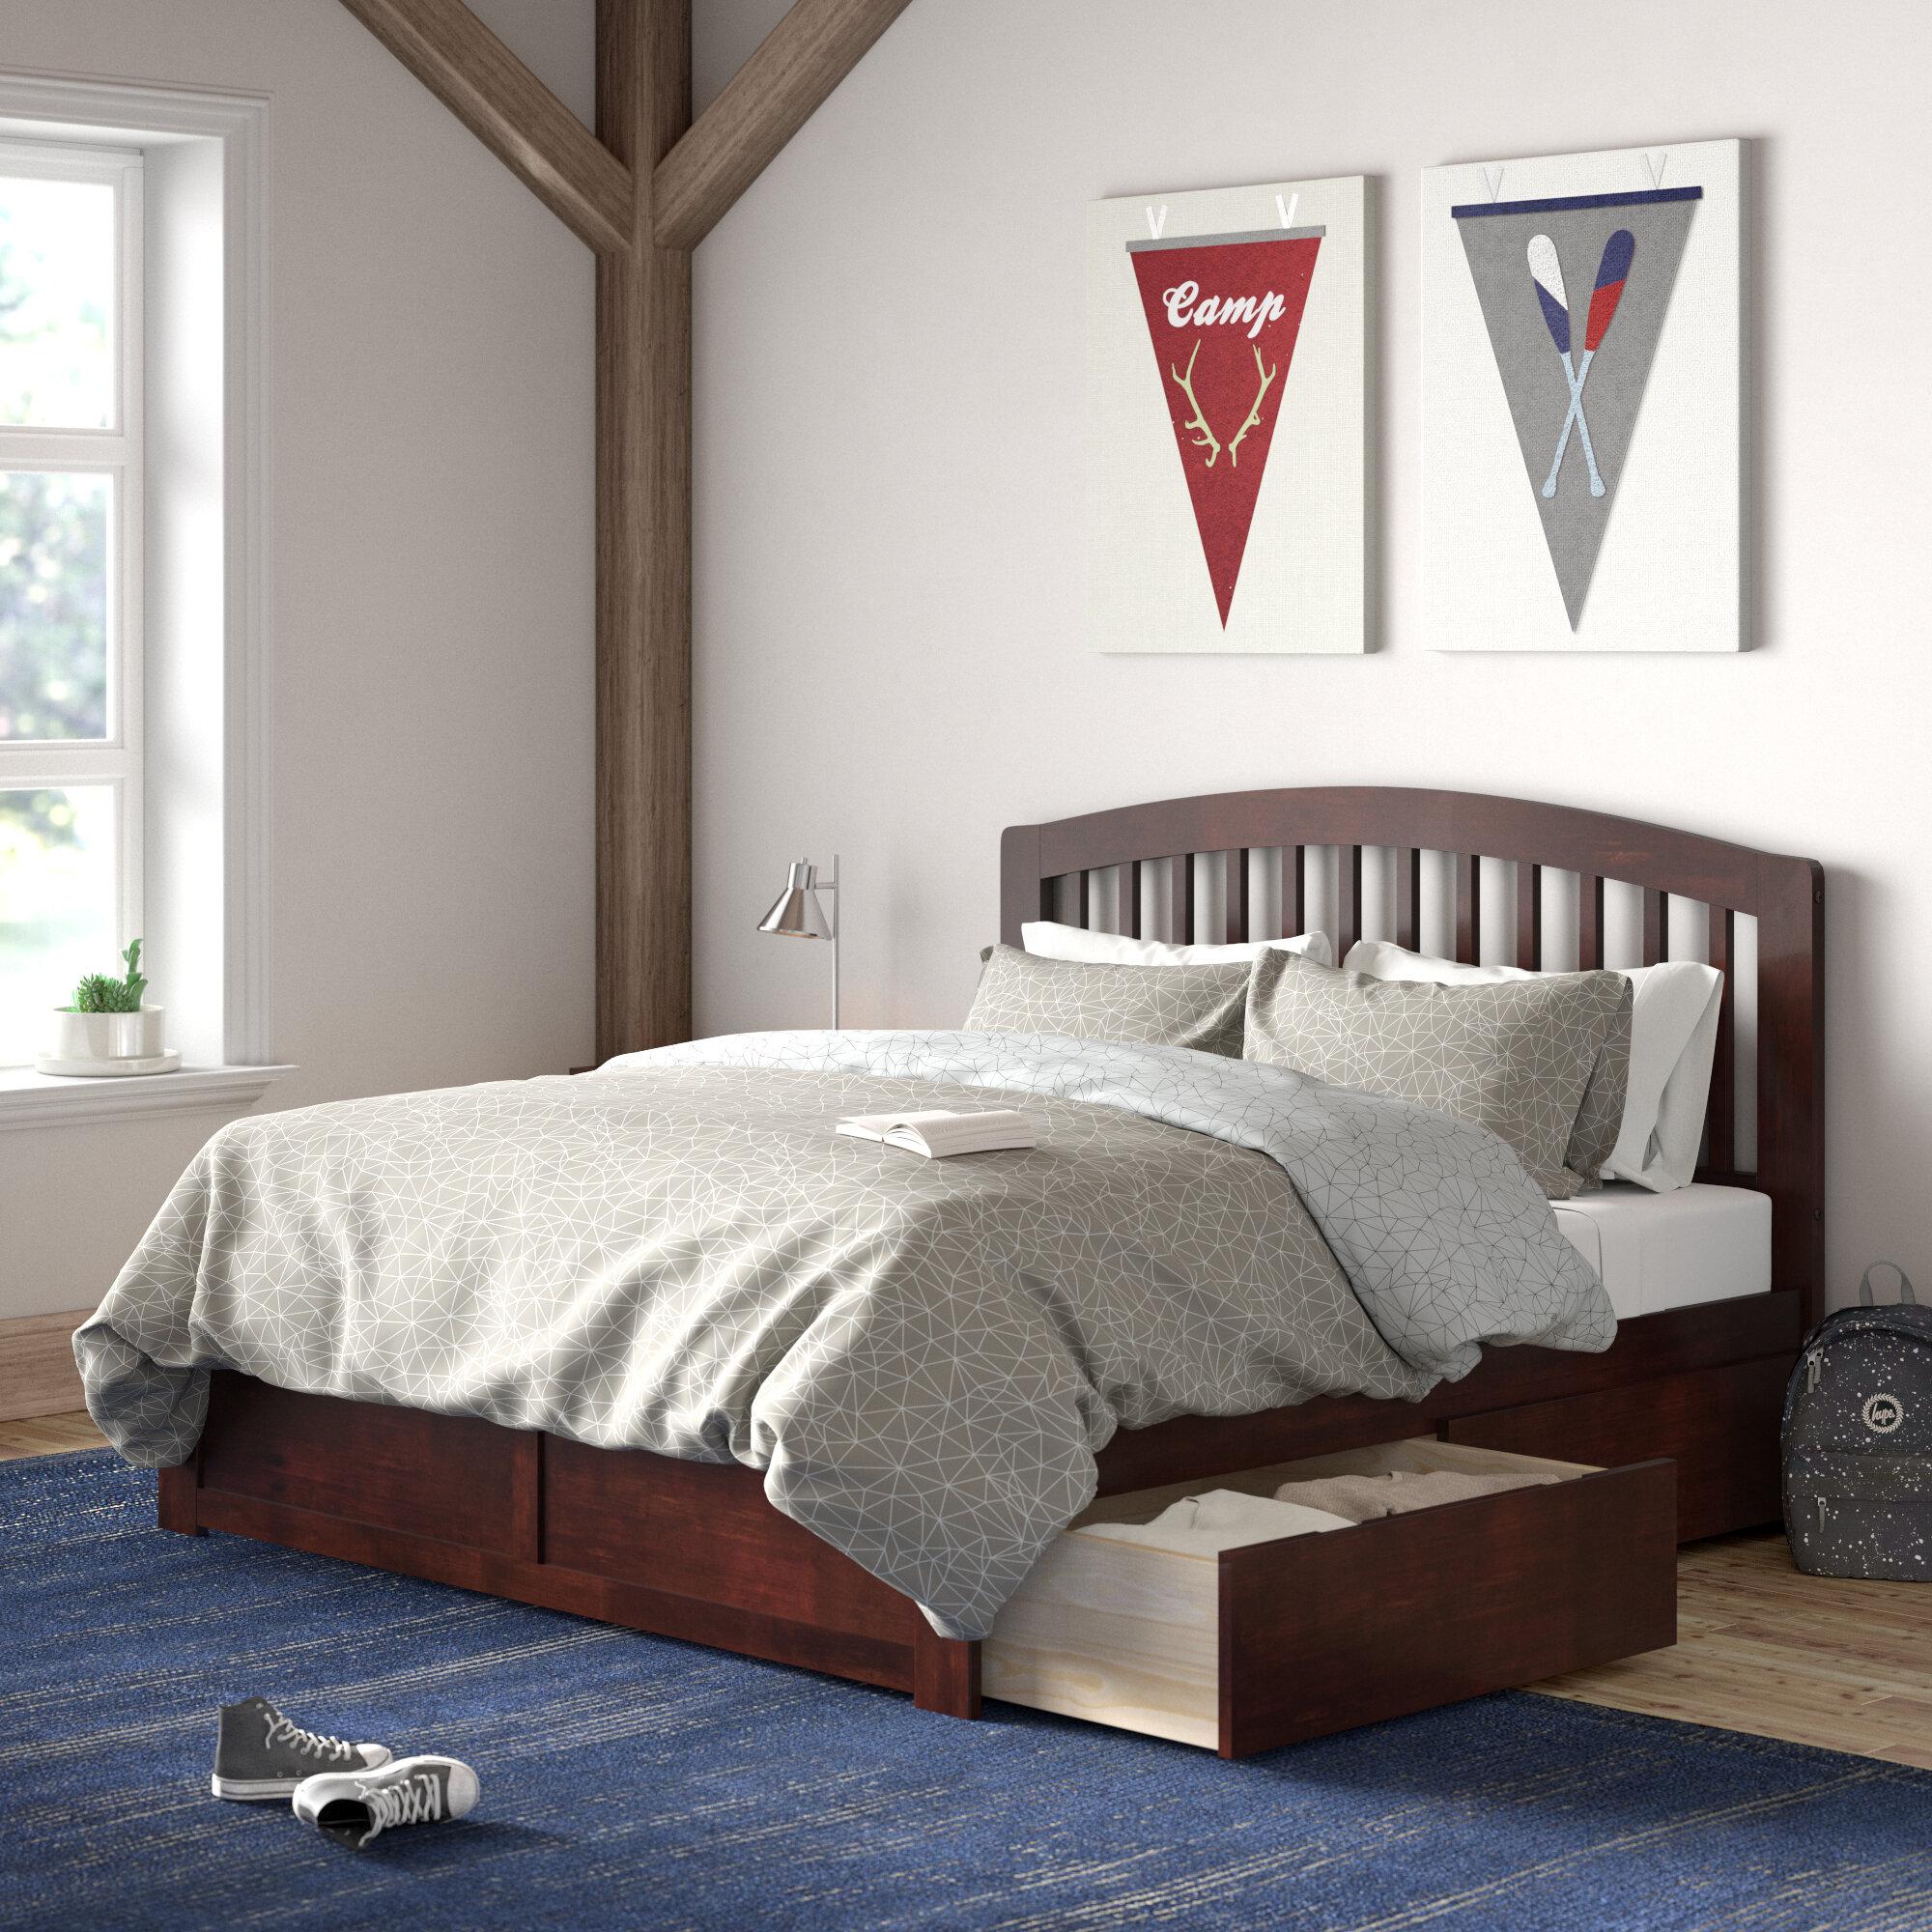 Harriet Bee Bharmal King Storage Platform Bed Reviews Wayfair